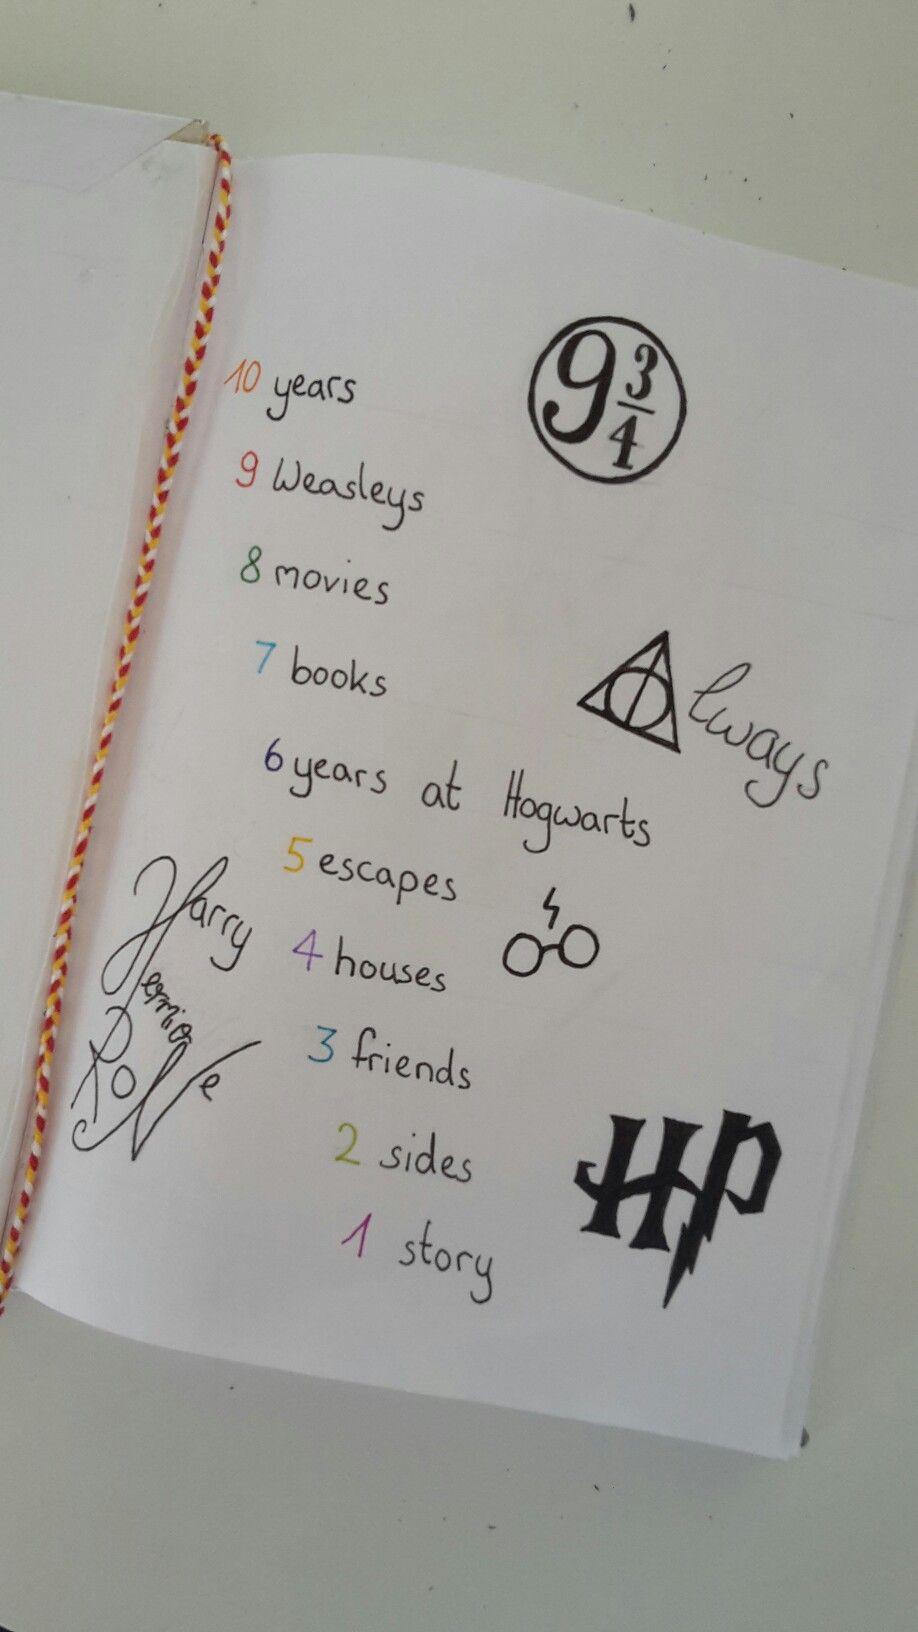 Hp Forever Harry Potter Love Harry Potter Love Harry Potter Pictures Harry Potter Jokes